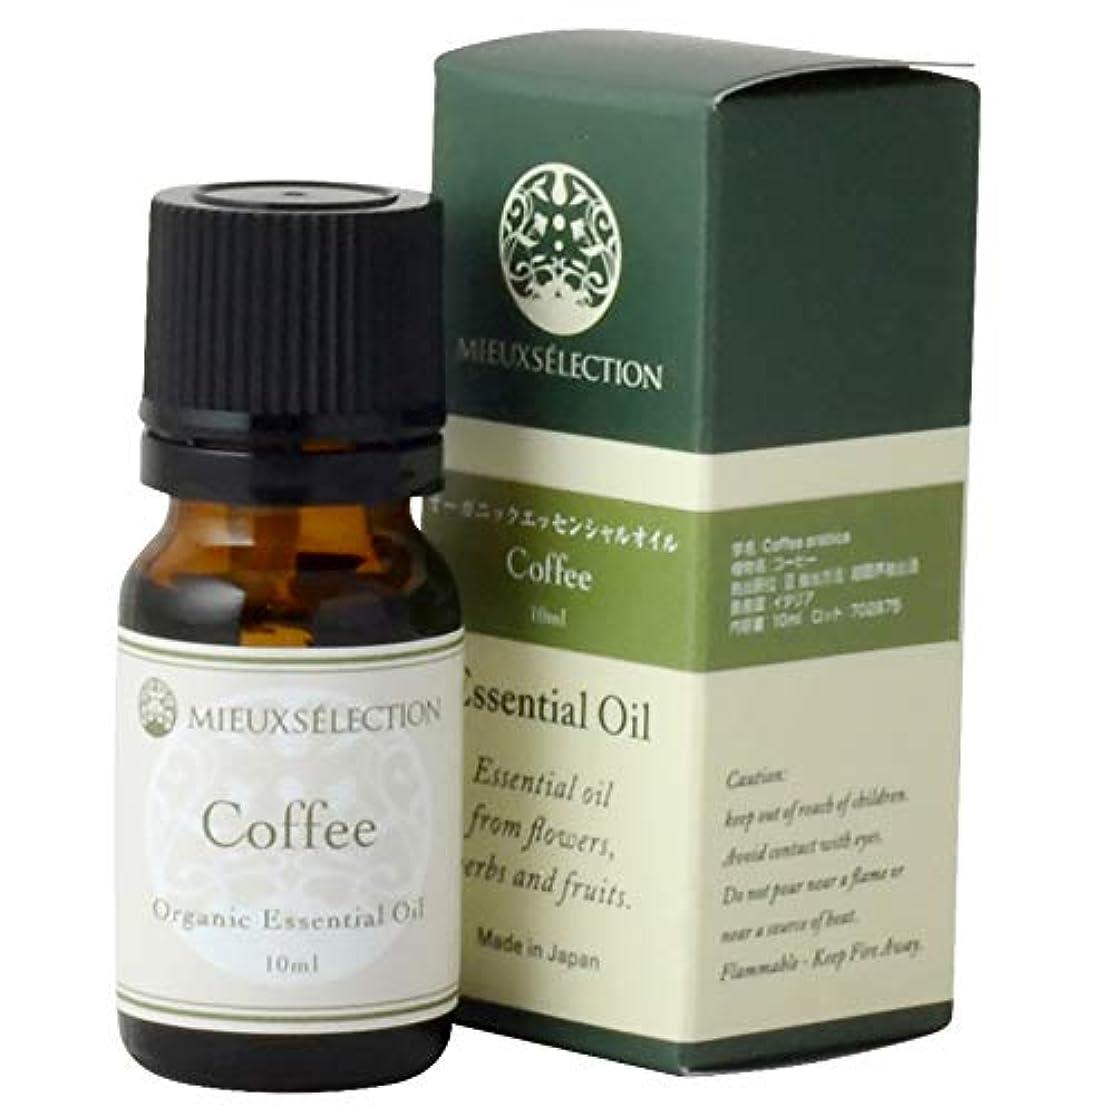 オーガニックCO2エキストラクト コーヒー 10ml